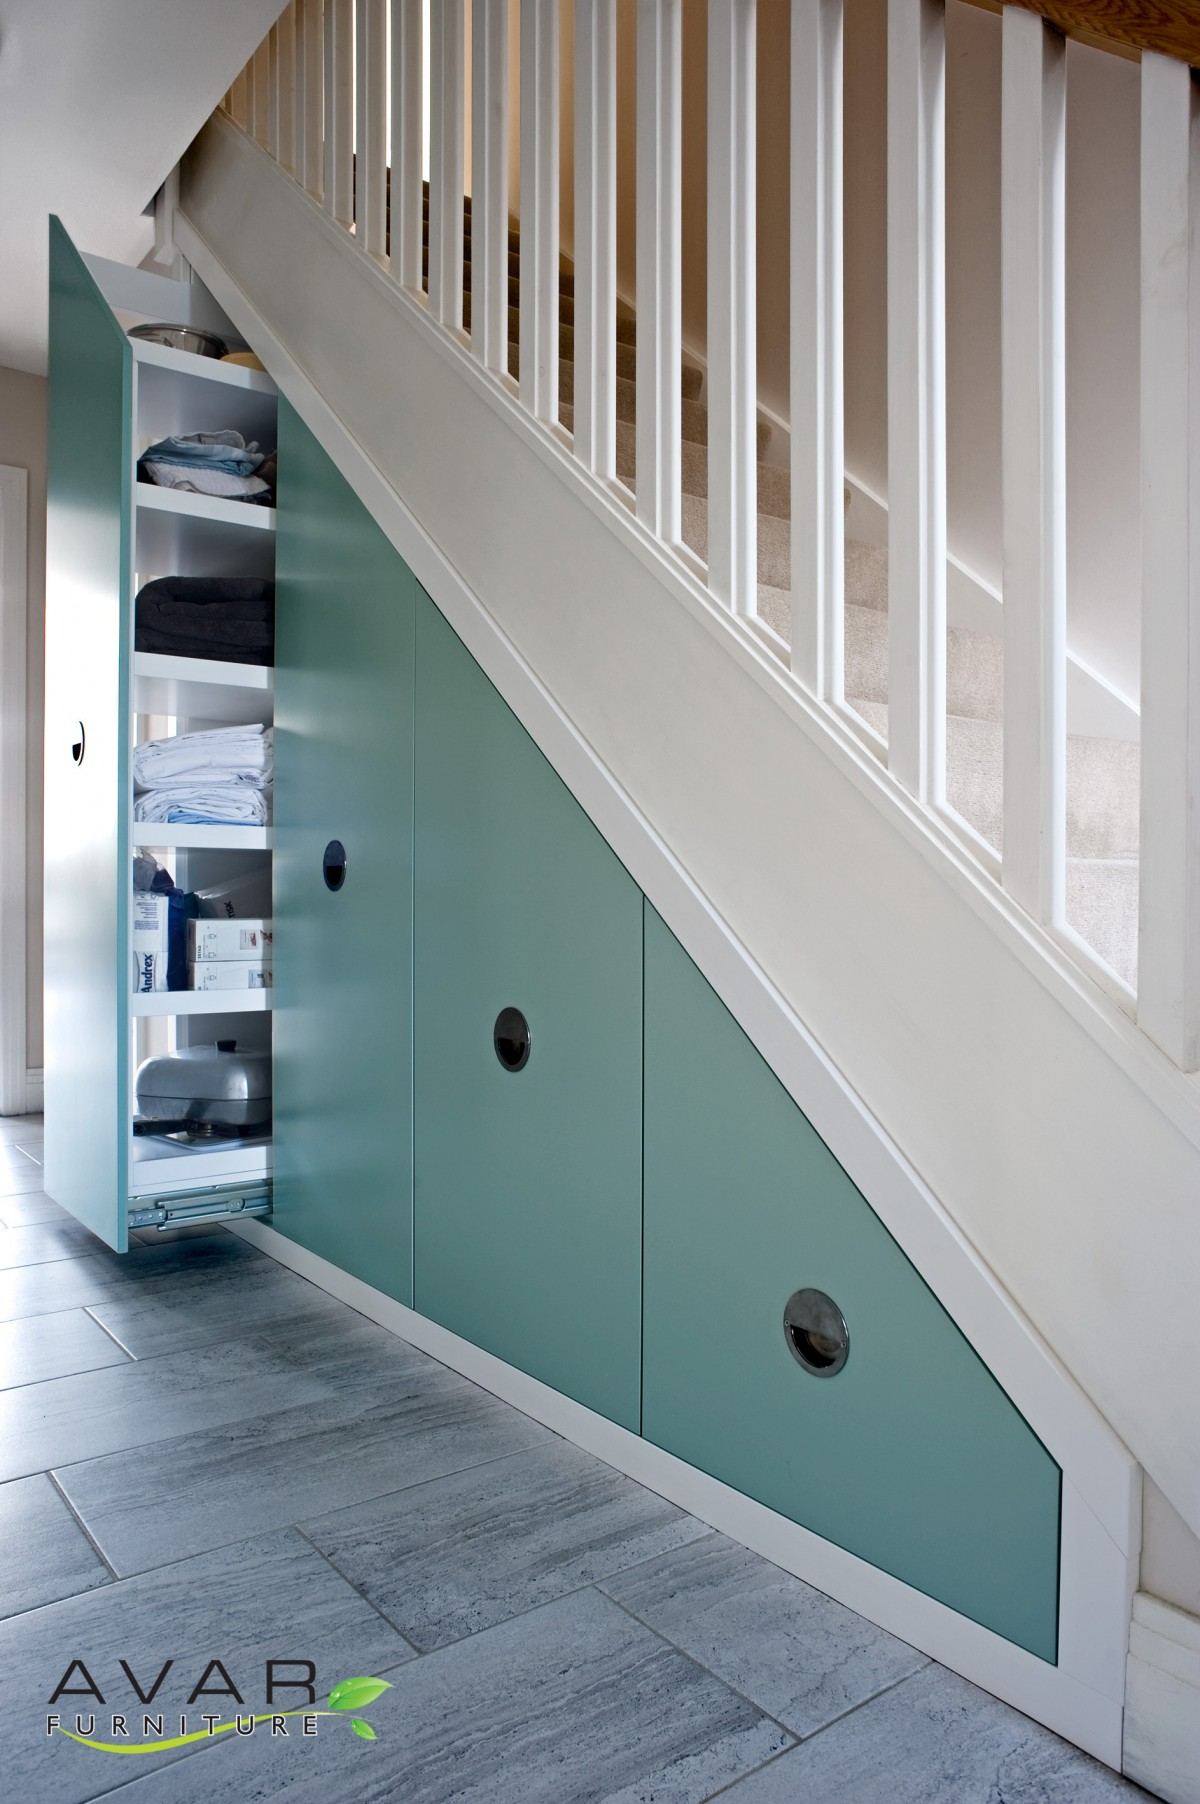 Under Stairs Storage Ideas Gallery 19 North London Uk Avar Furniture